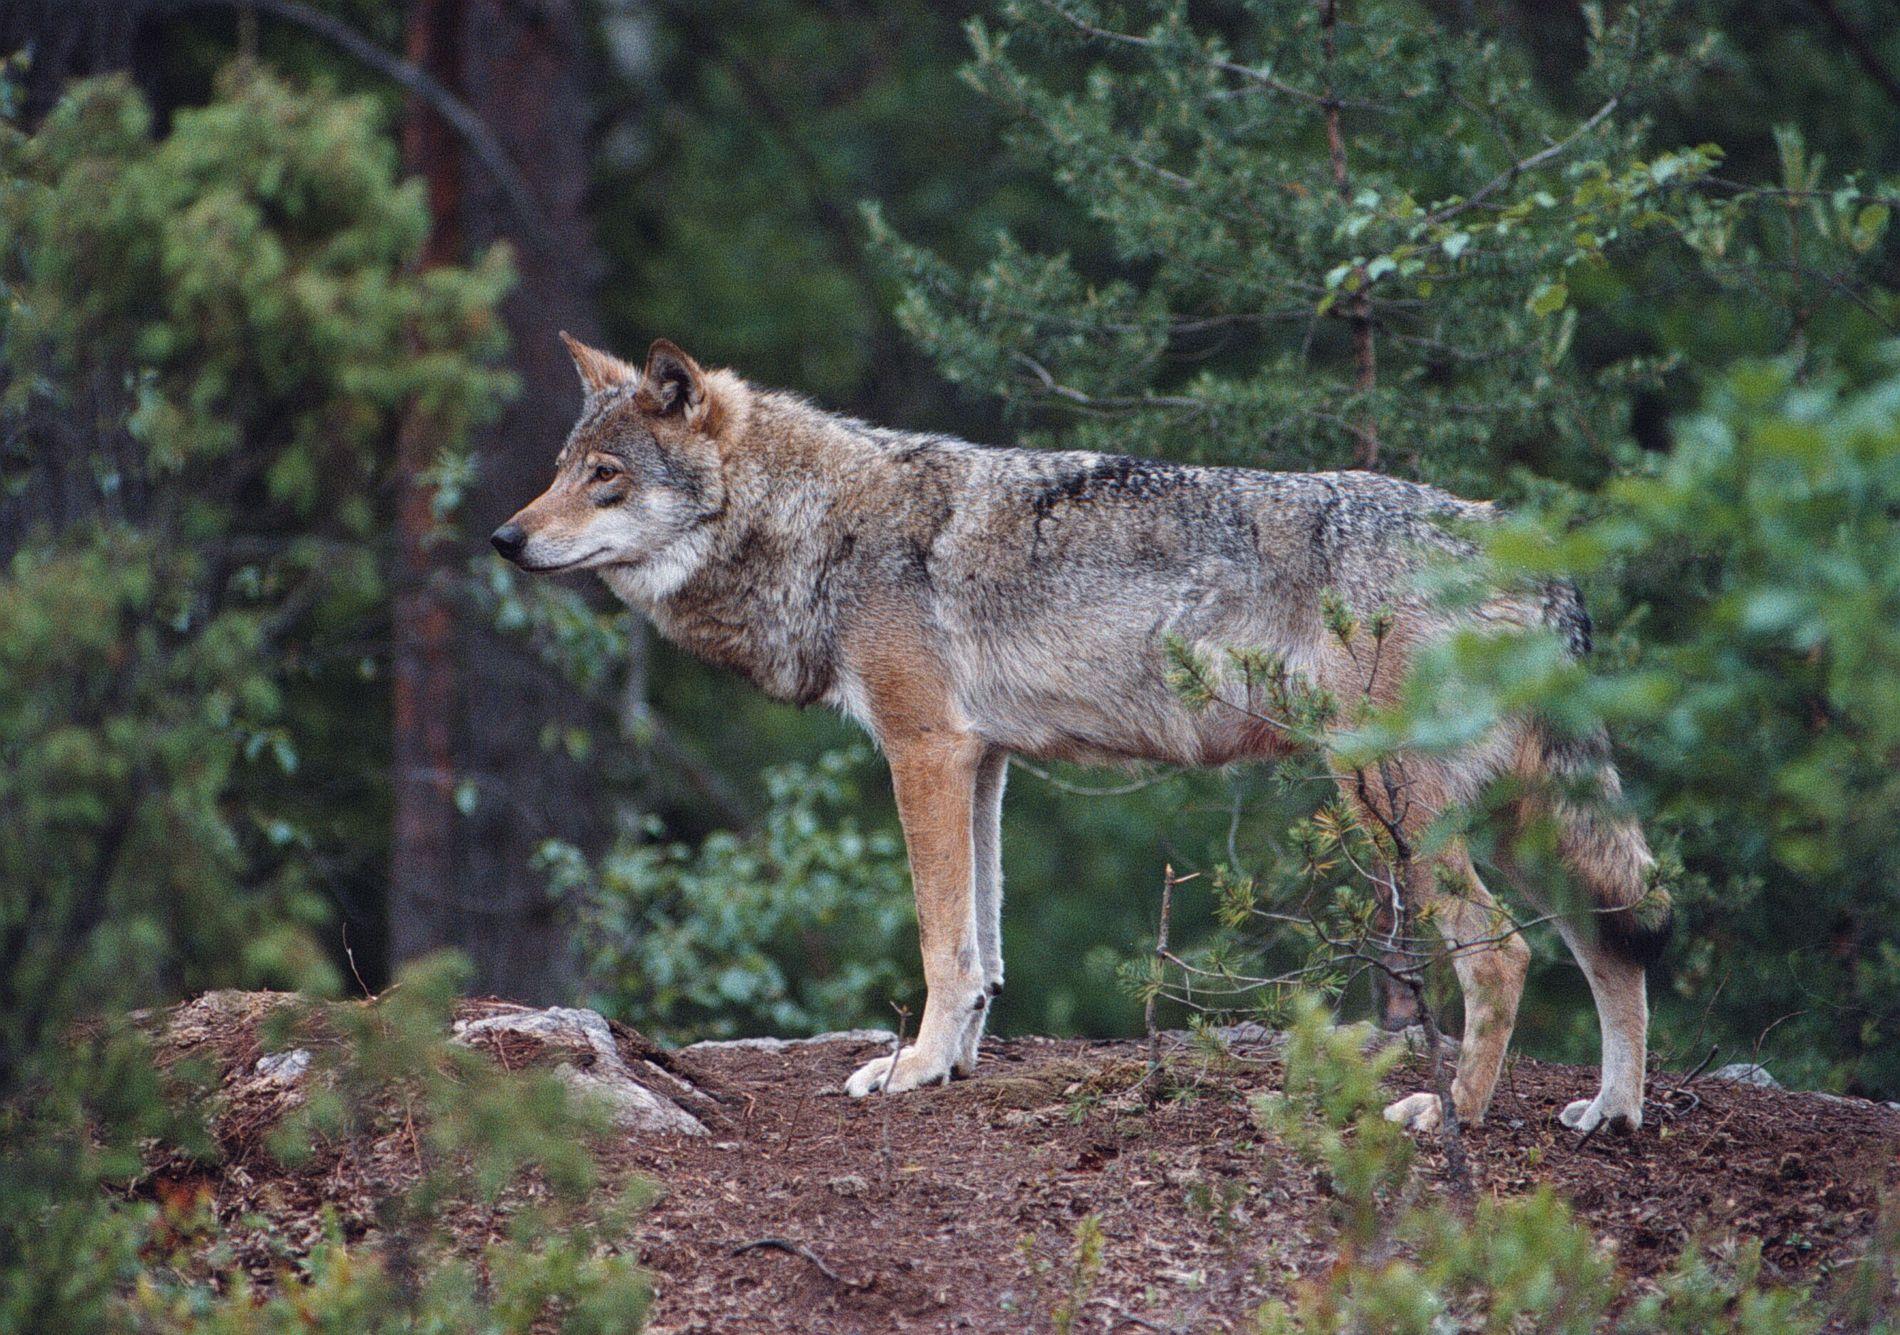 ULV SKAPER DEBATT: Motstanderne hevder at ulven truer norsk landbruk og skaper frykt. Tilhengerne av ulv betrakter ulven som en naturlig del av norsk fauna som har krav på beskyttelse.